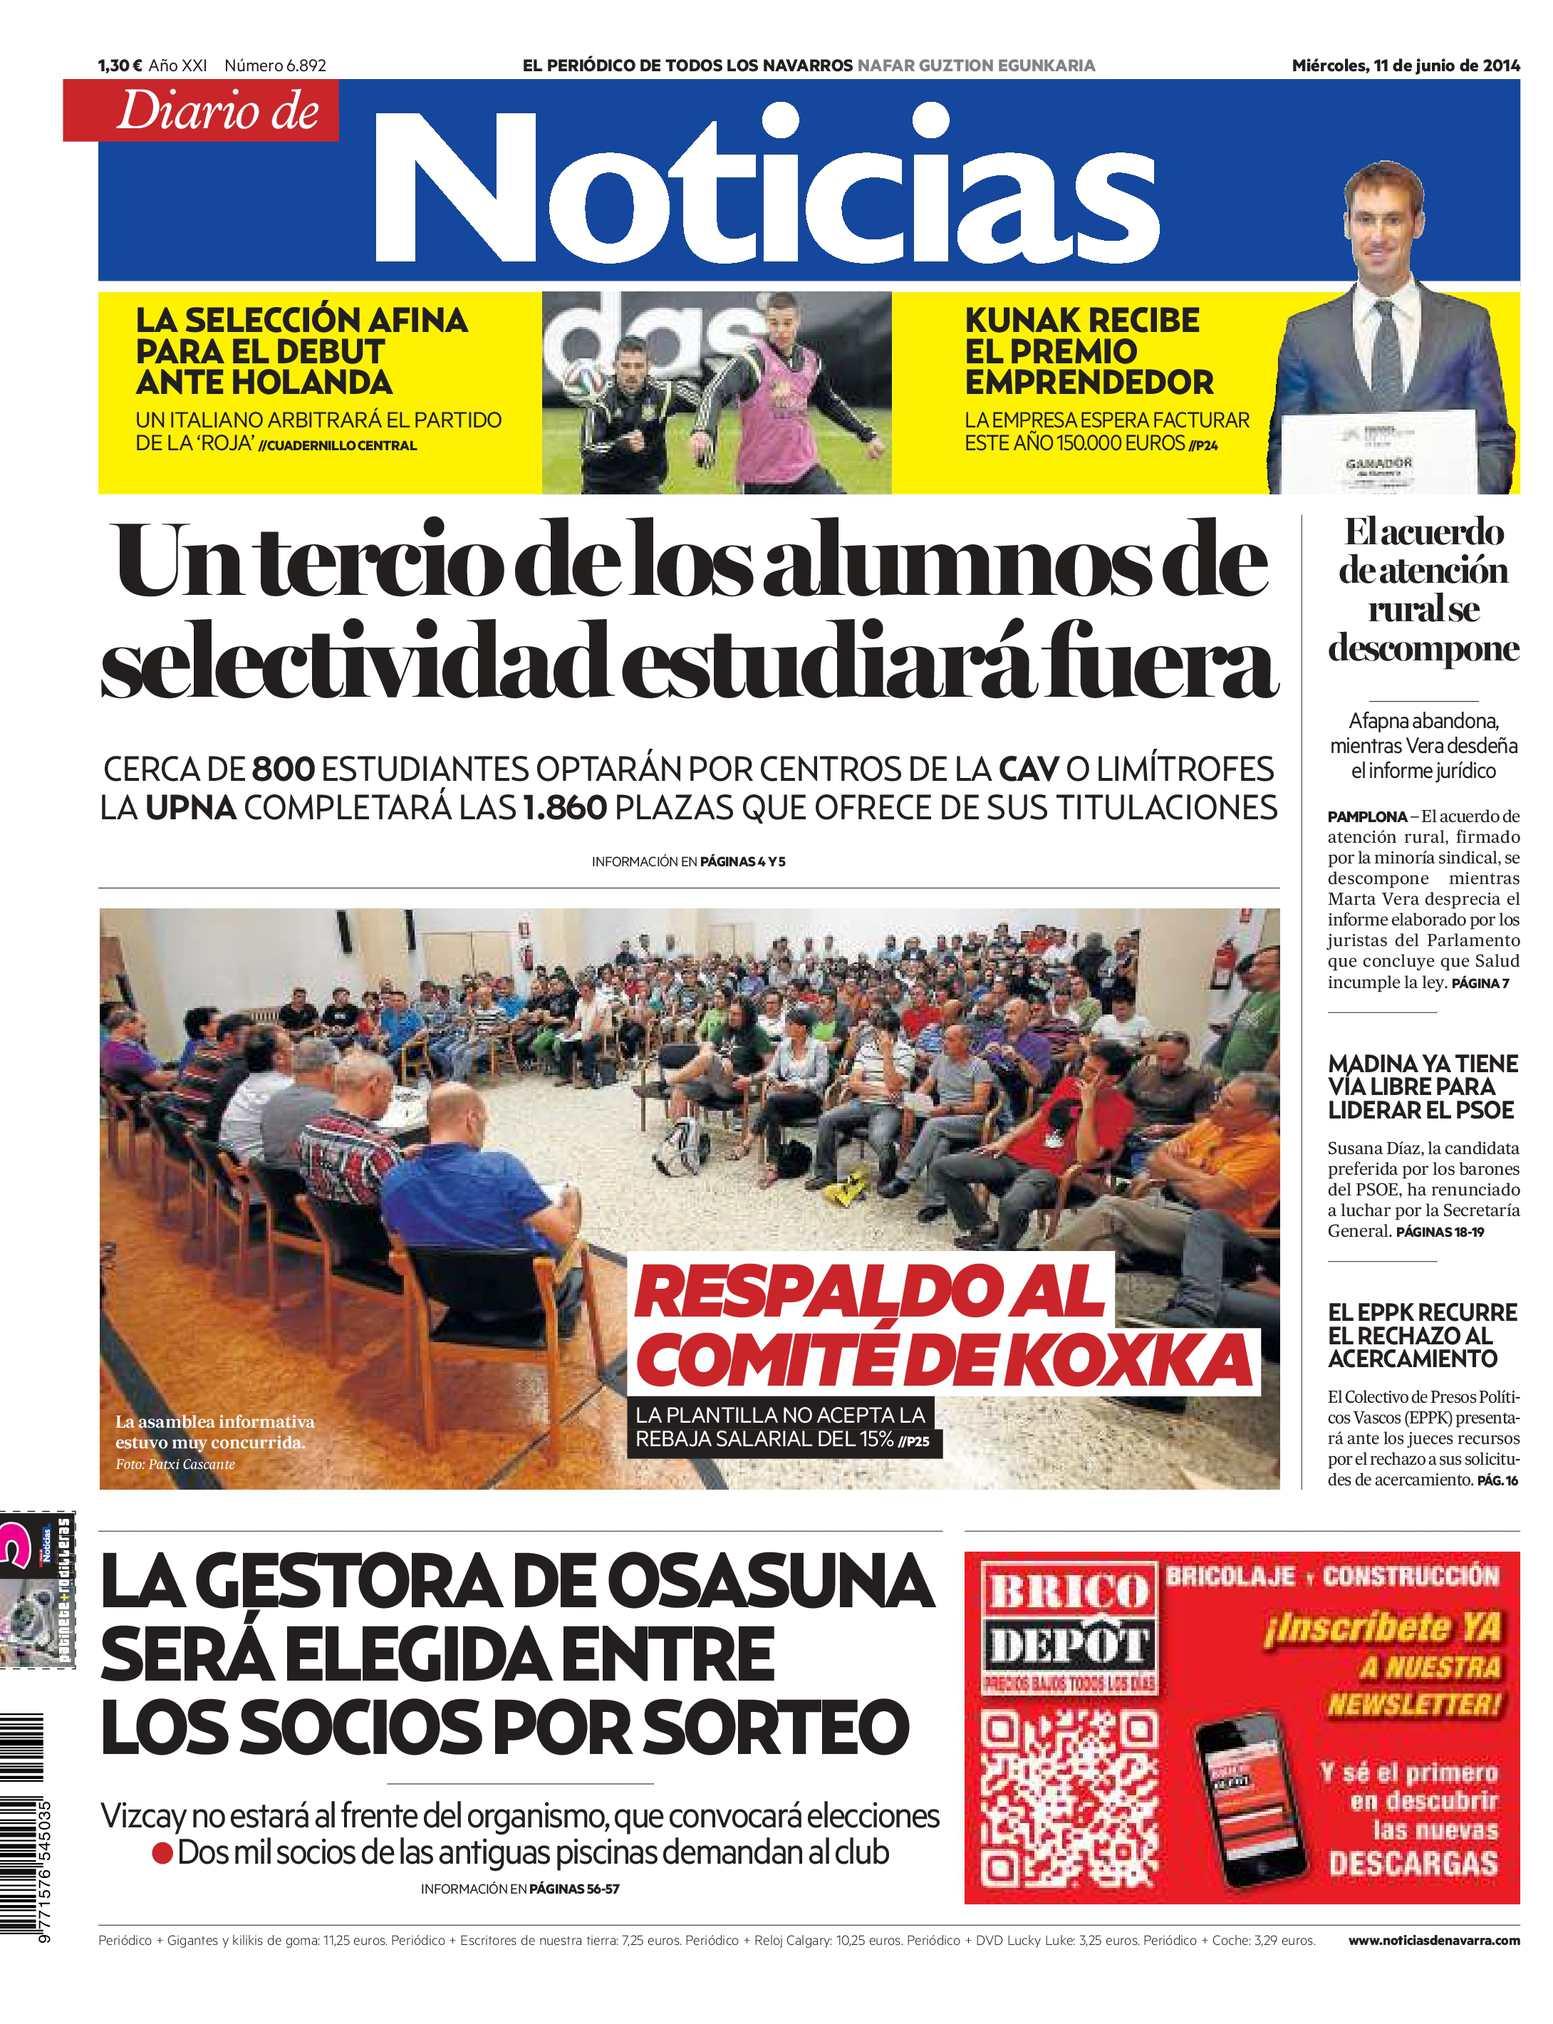 Calaméo - Diario de Noticias 20140611